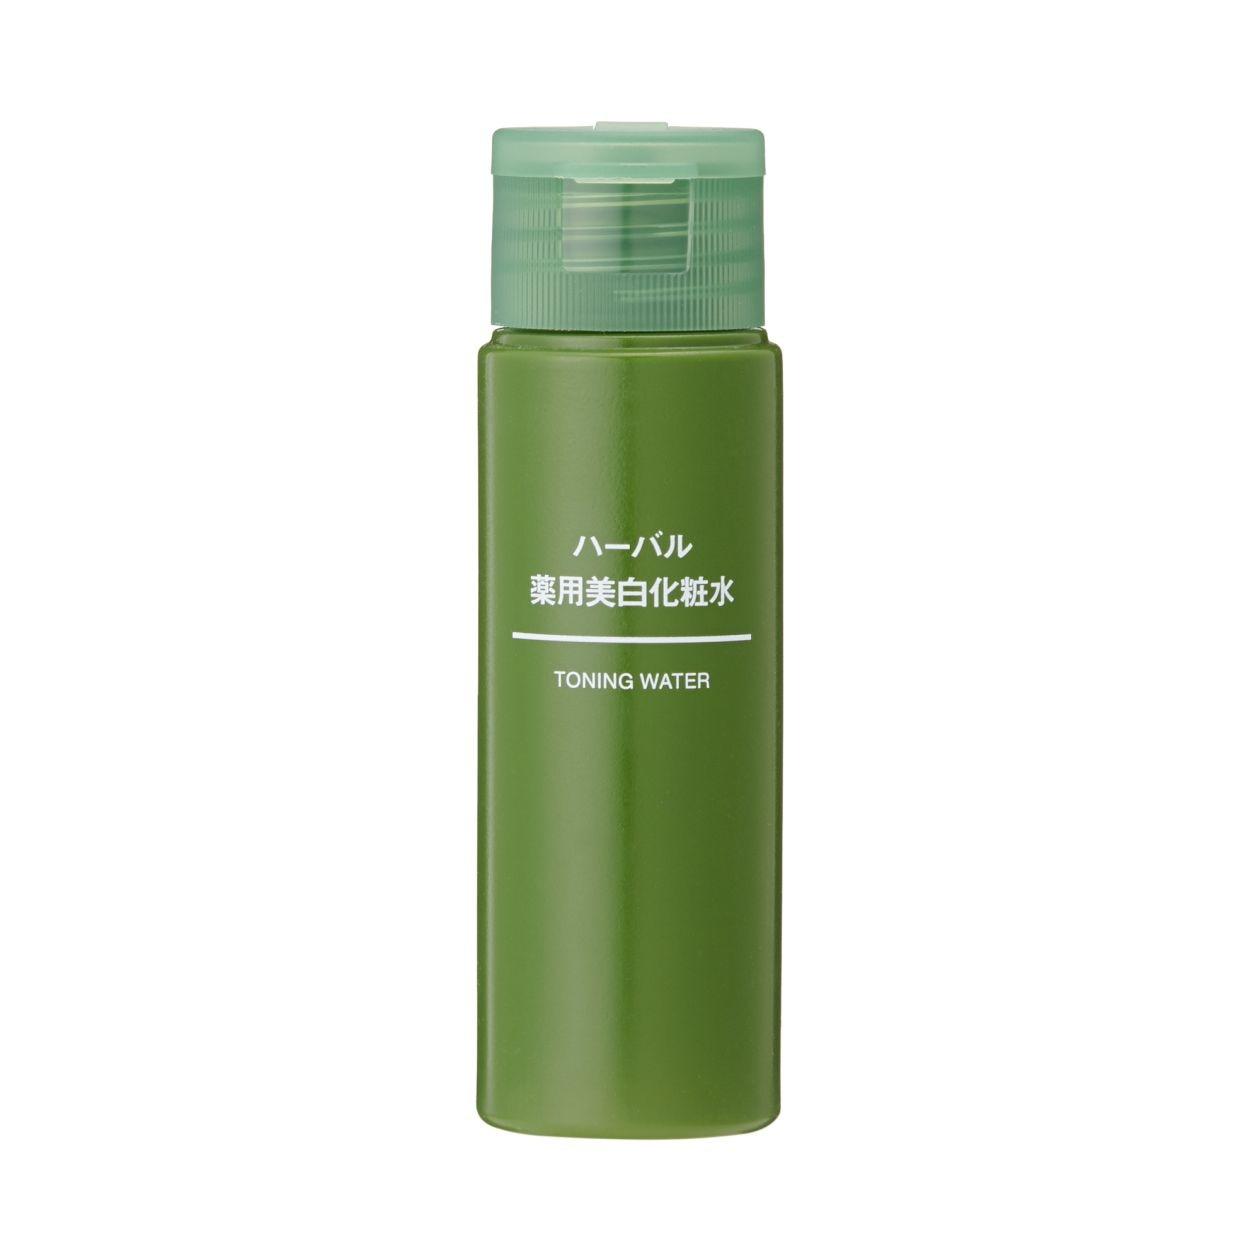 ハーバル薬用美白化粧水(携帯用)